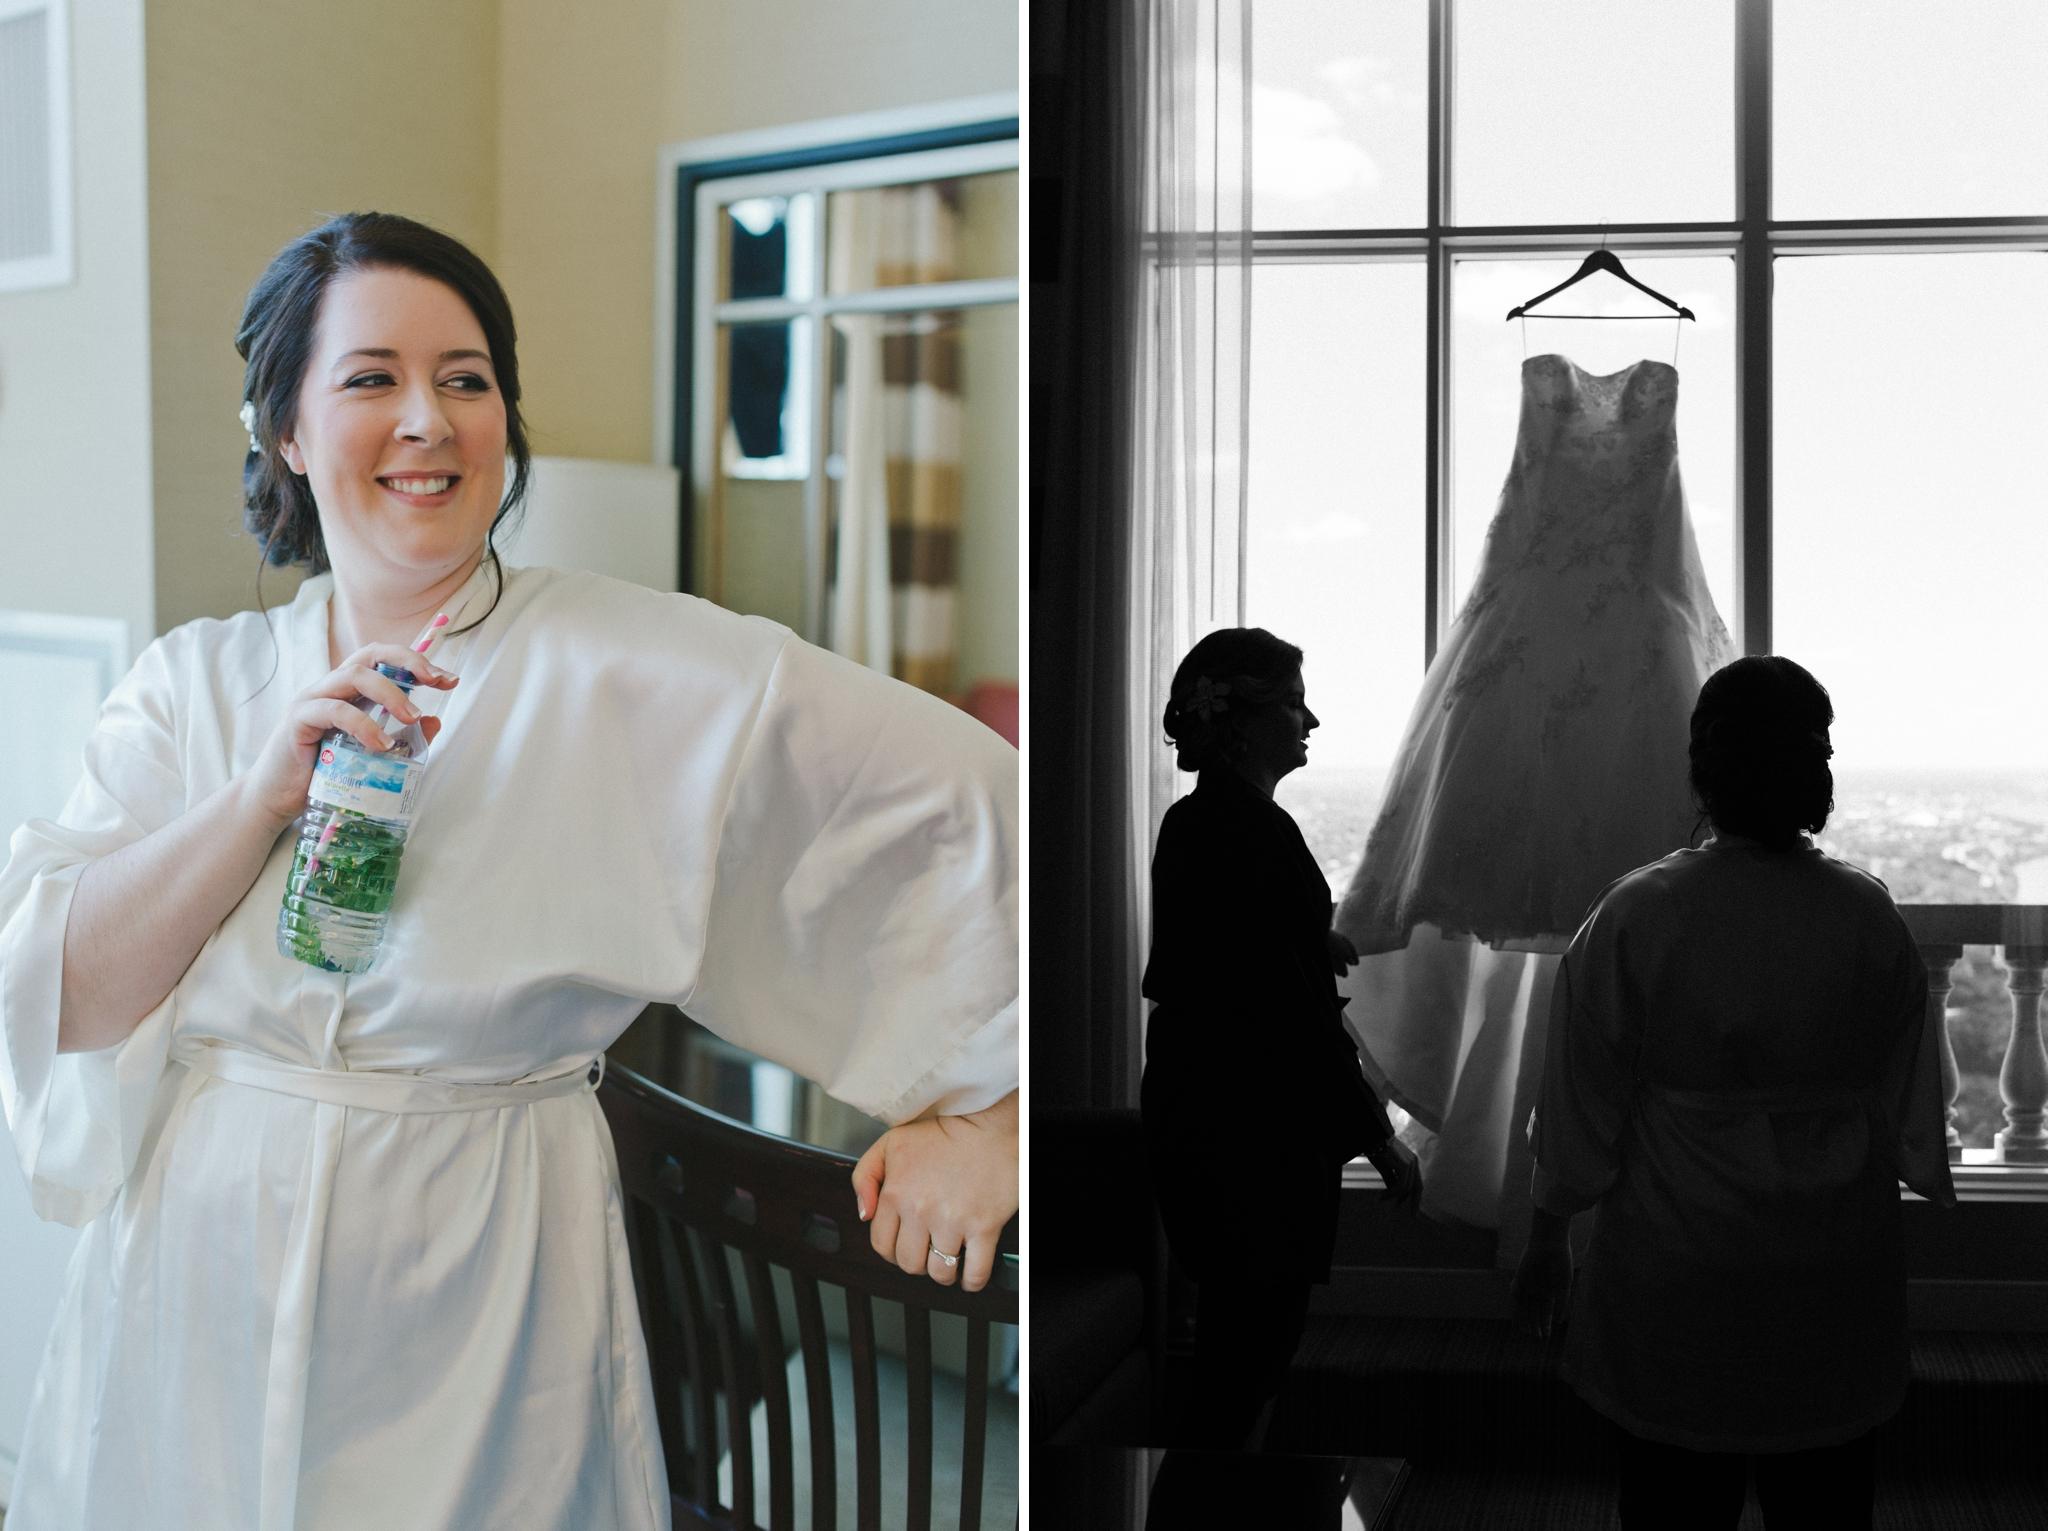 03-bride-looking-at-wedding-dress.jpg